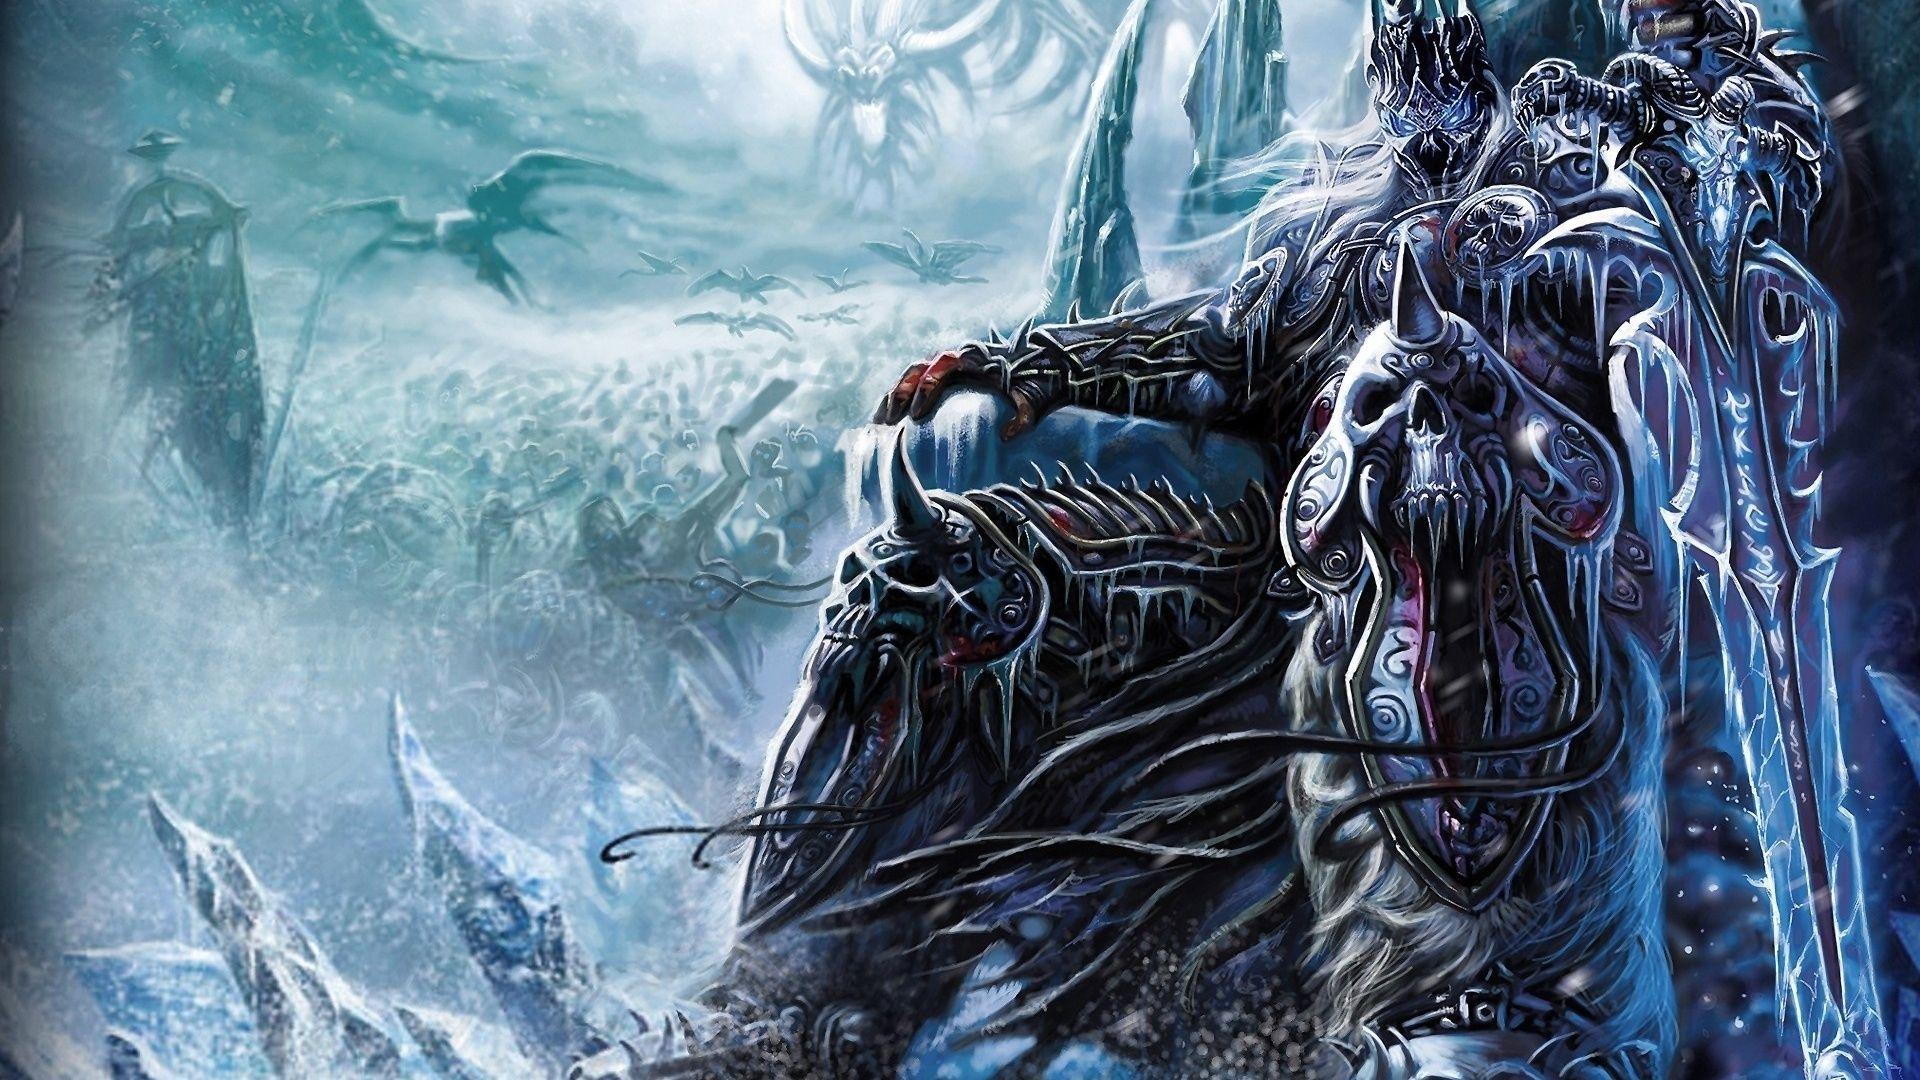 Wow Backgrounds Wallpaper World Of Warcraft Wallpaper Warriors